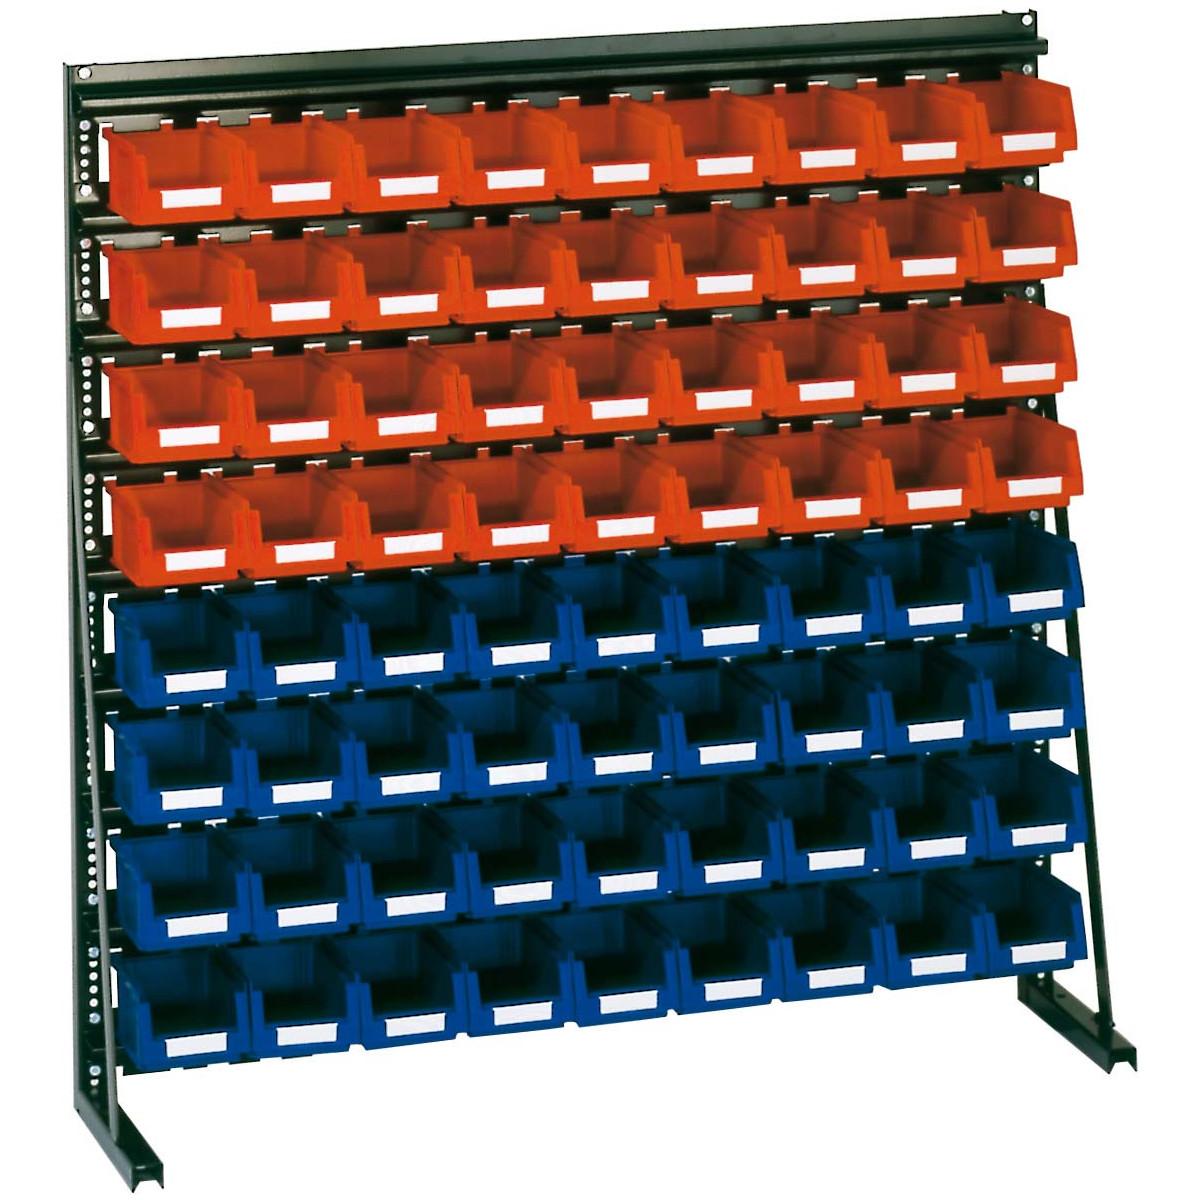 sichtkasten st nder regal v8a pulverbeschichtet 1000 x 1000 mm hxb 312 50. Black Bedroom Furniture Sets. Home Design Ideas